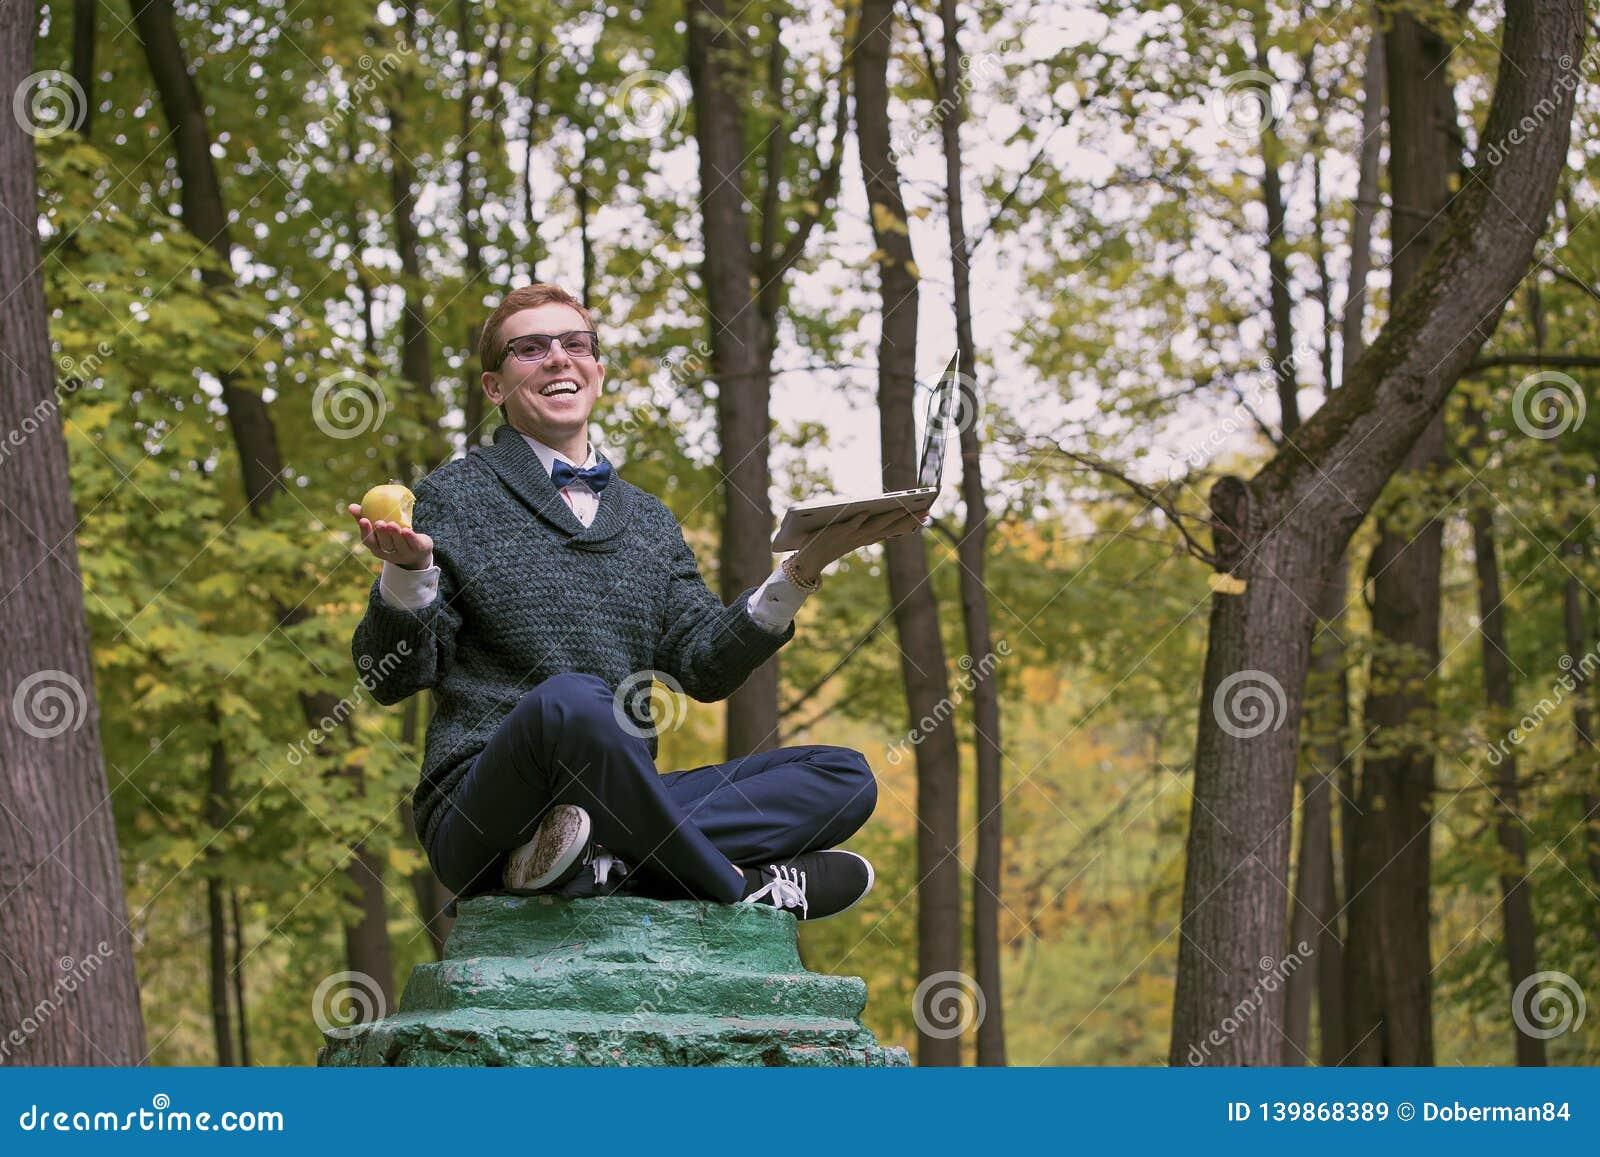 En man på en sockel, som låtsar för att vara en staty i, poserar av en filosof med äpplet och bärbara datorn i hösten parkerar